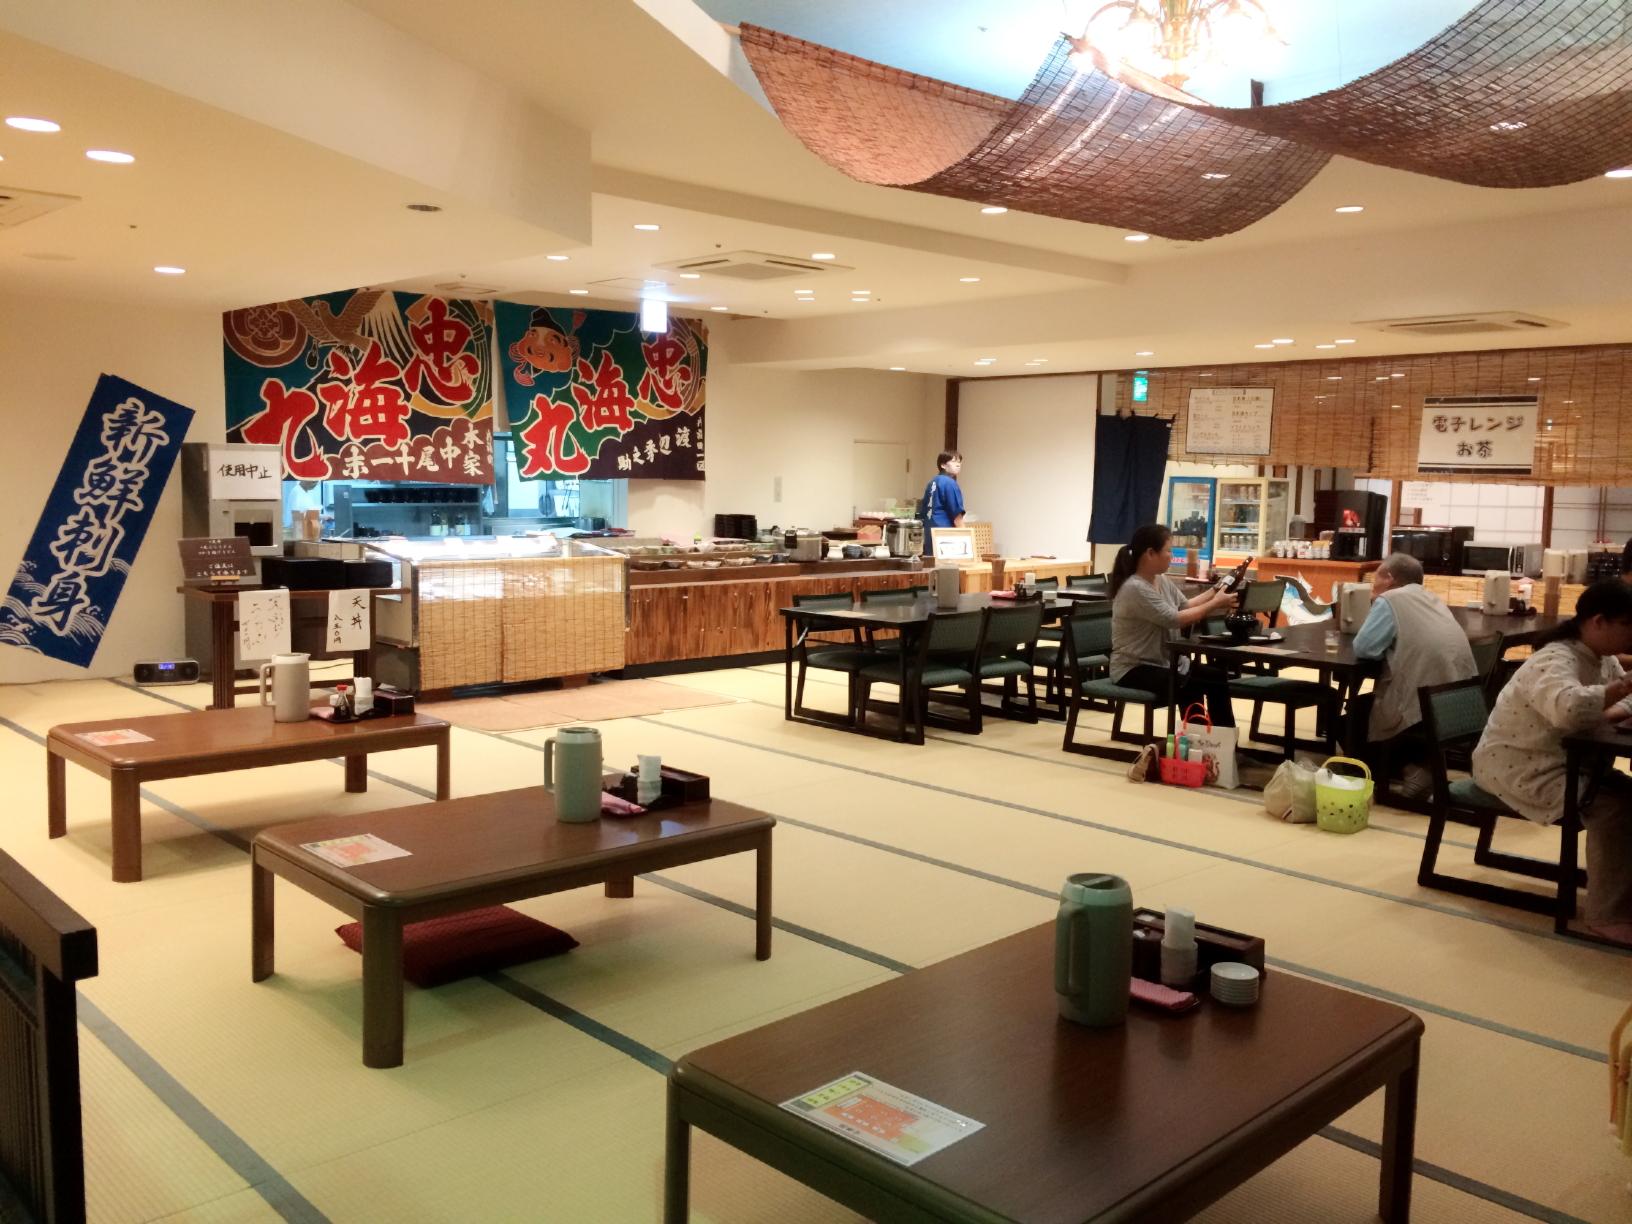 セルフサービスのお食事処『魚千食堂』はあざやかな大漁旗が目印